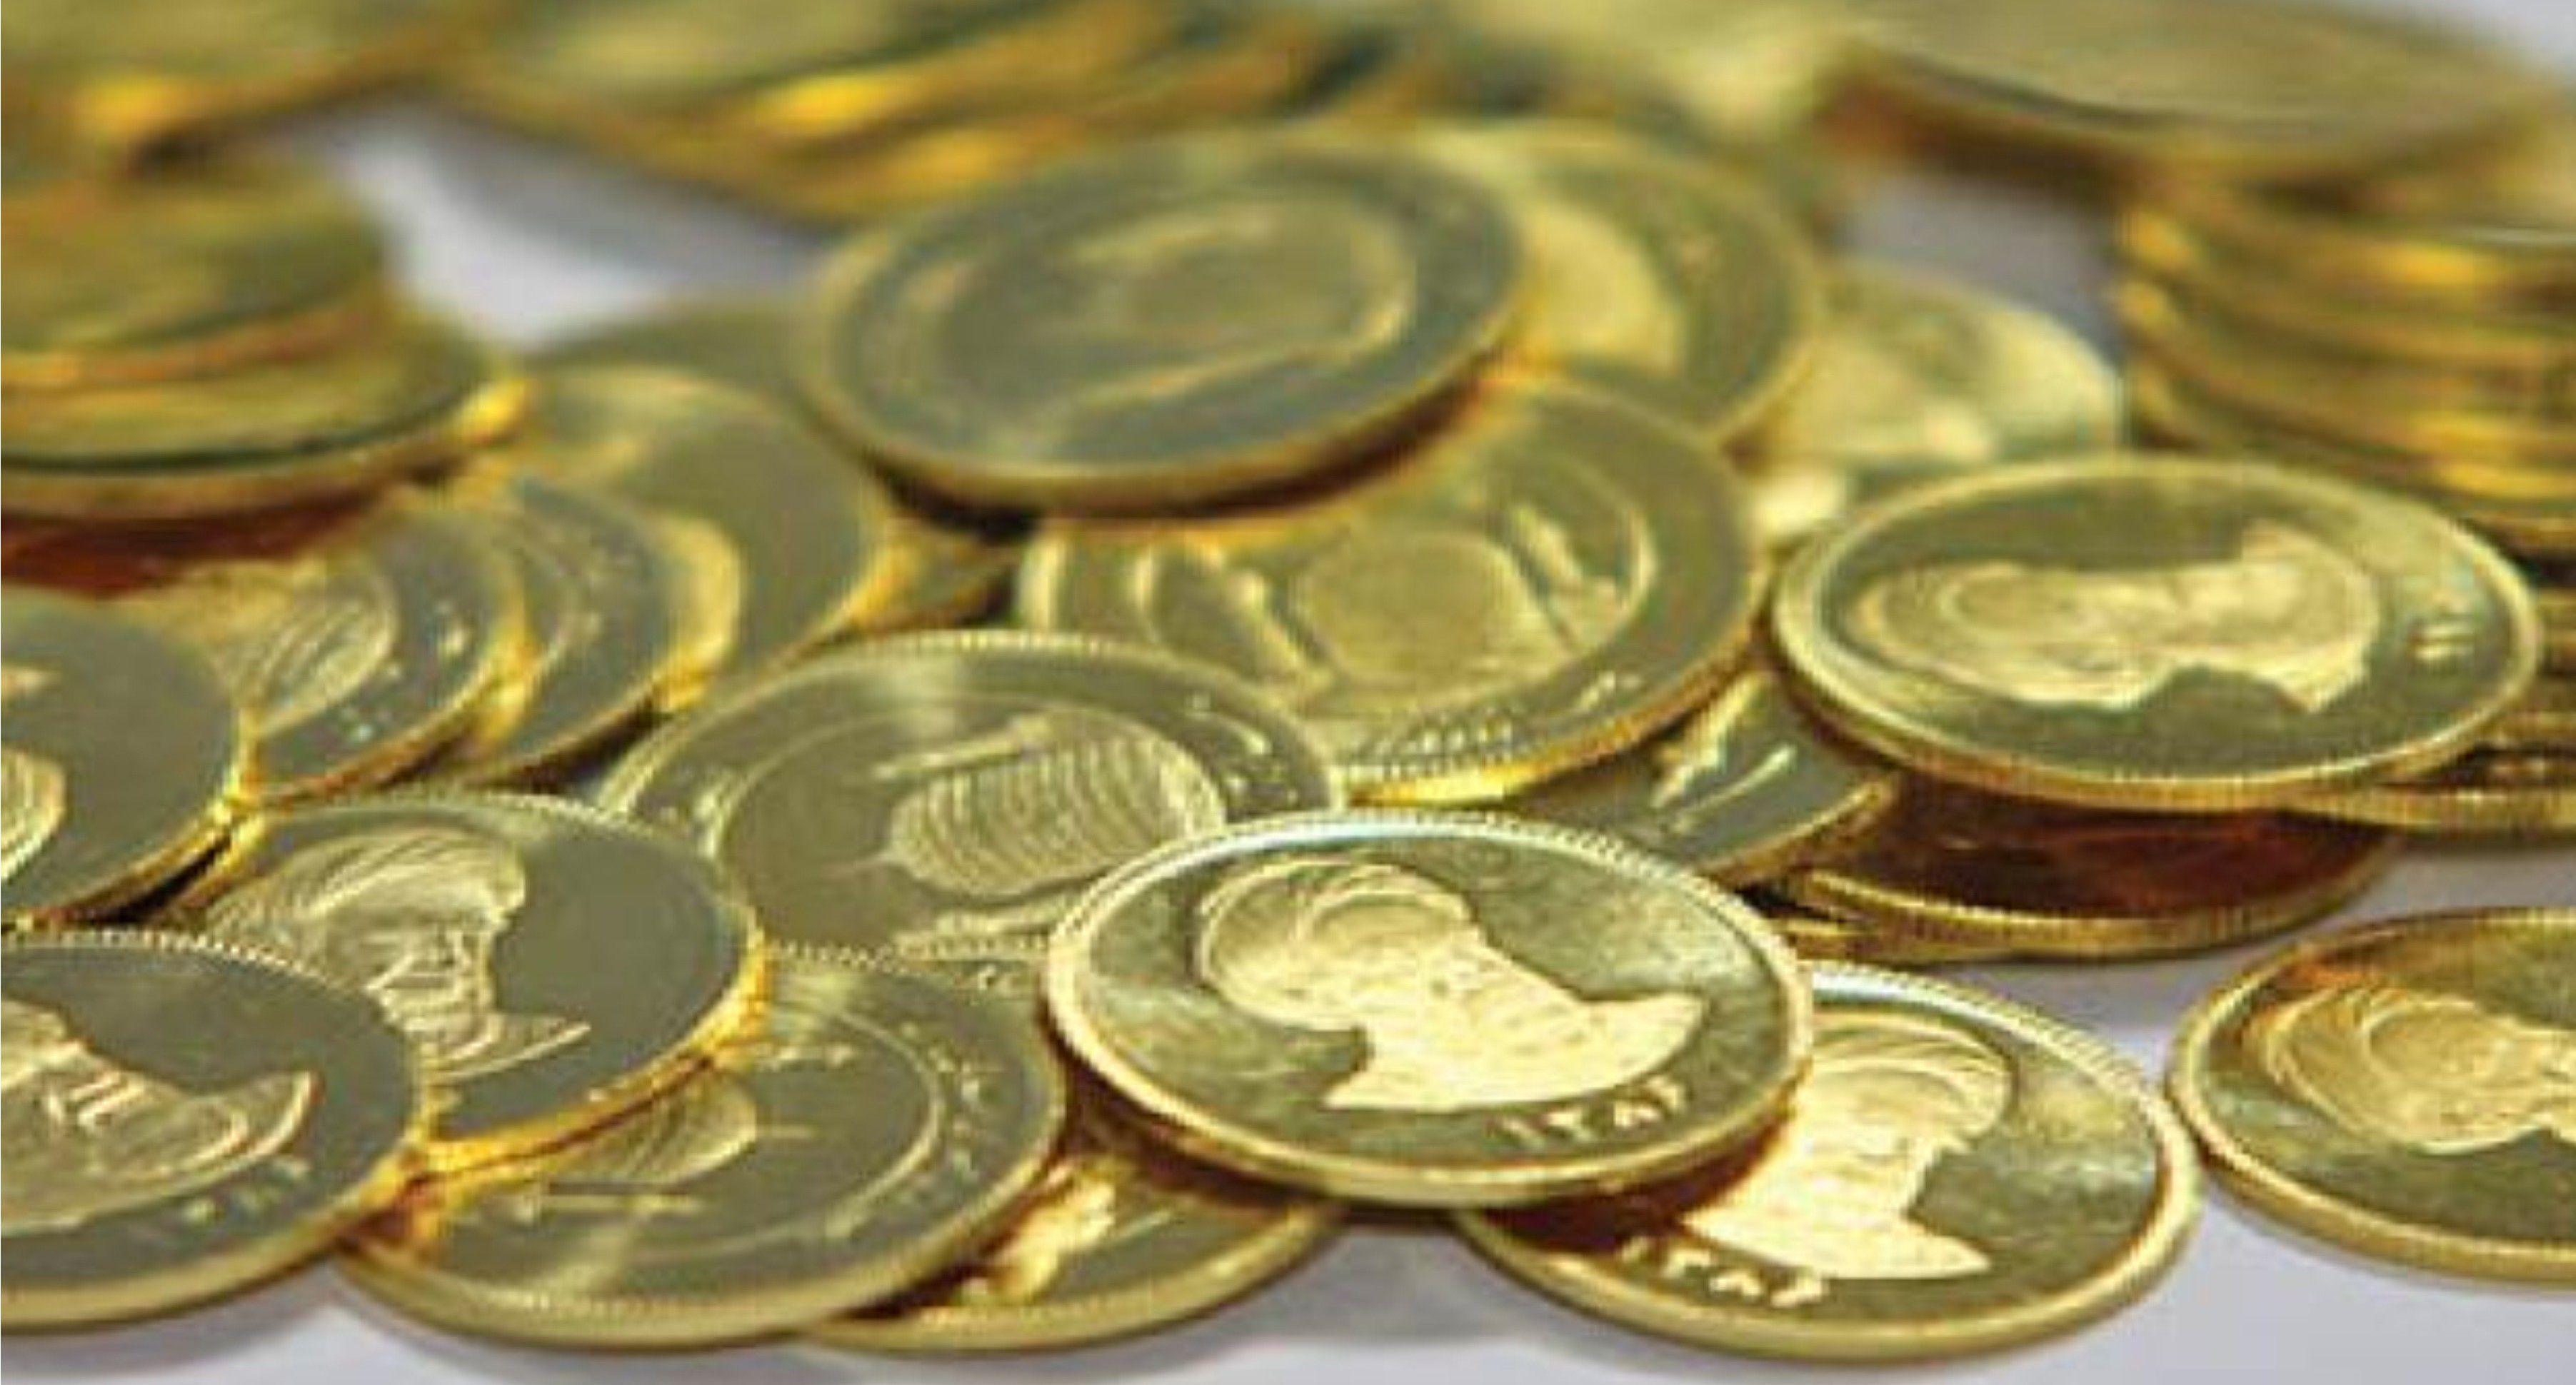 افزایش قیمت سکه در سایه رشد نرخ دلار و انس طلا در بازارهای جهانی